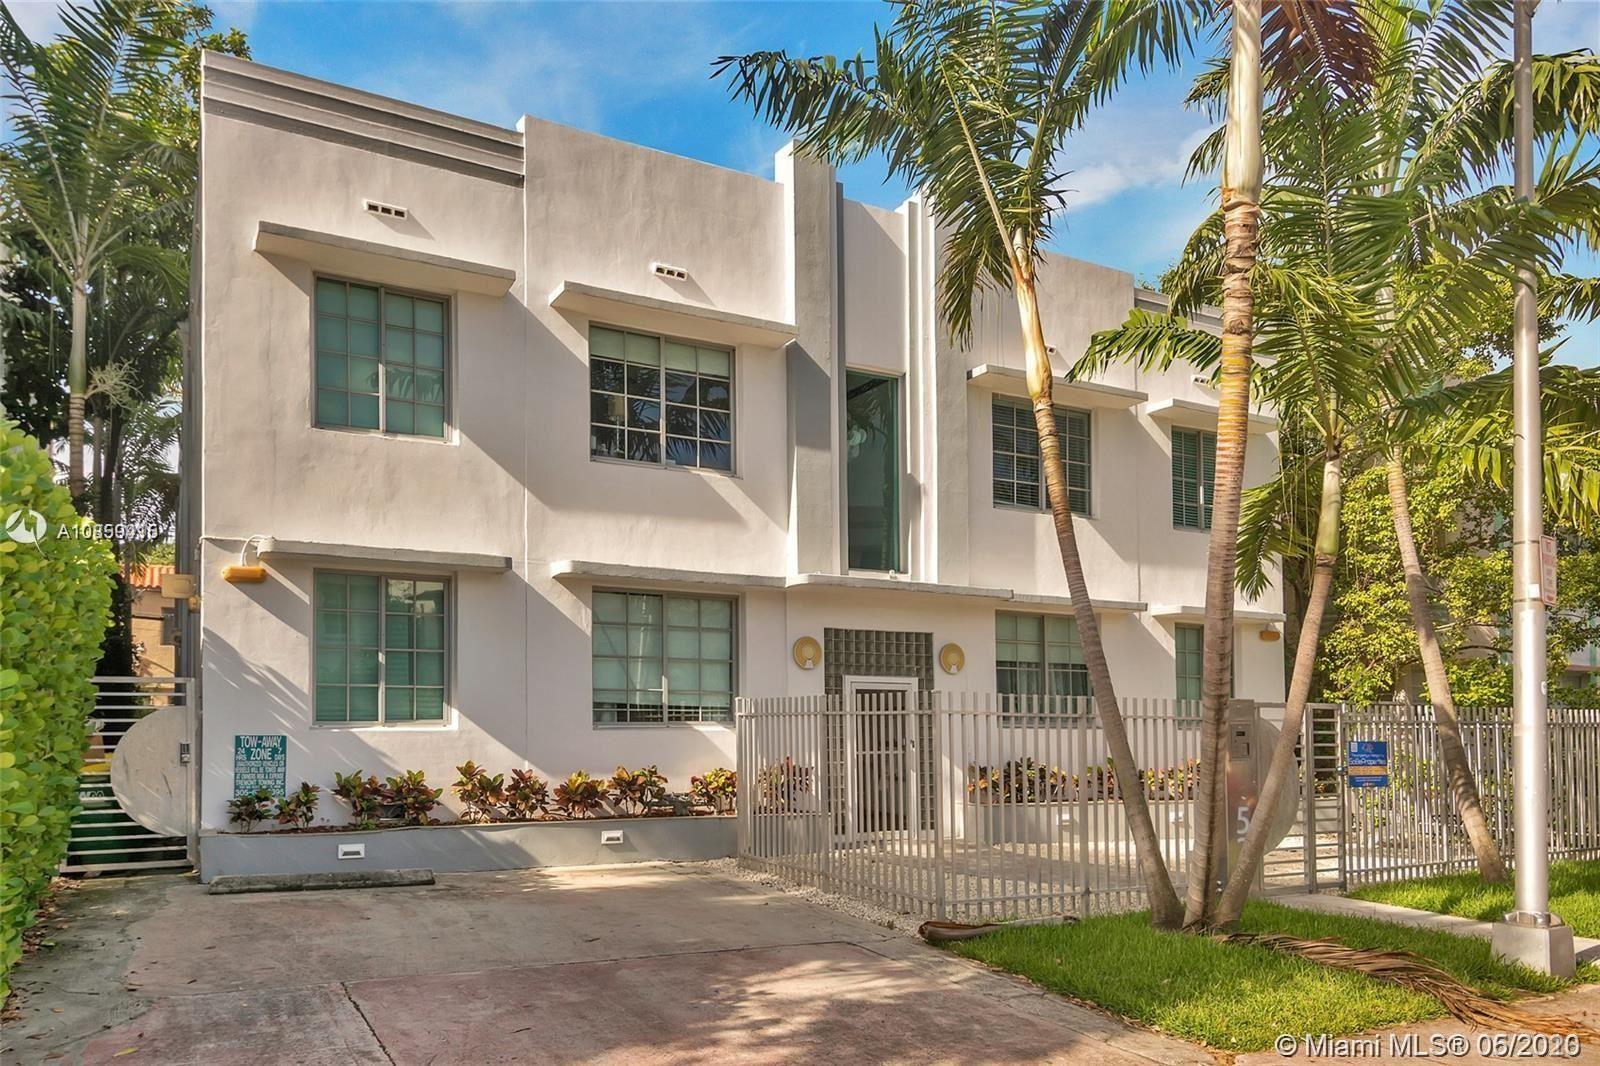 526 15th St #7, Miami Beach, FL 33139 - #: A10859415